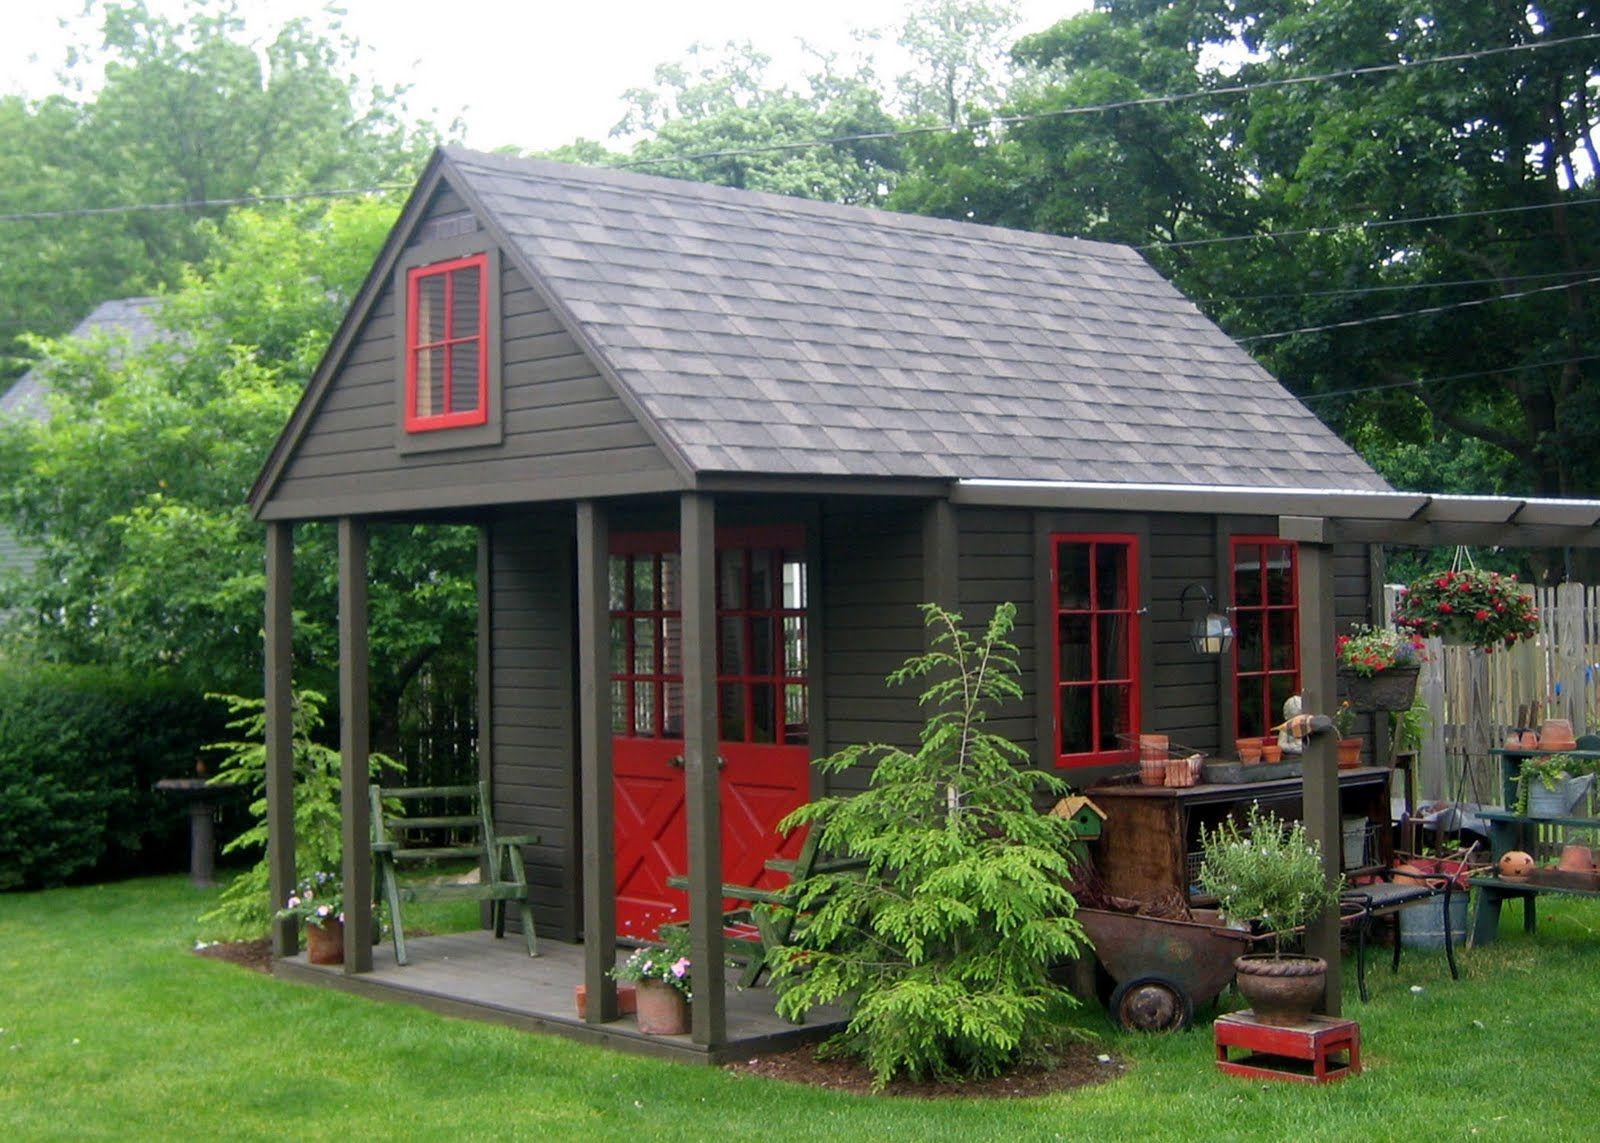 Rouge Et Noire Superbe Quand Les Sapins Auront Grandi Avec Images Amenagement Cour Cabanon De Jardin Cabane Jardin